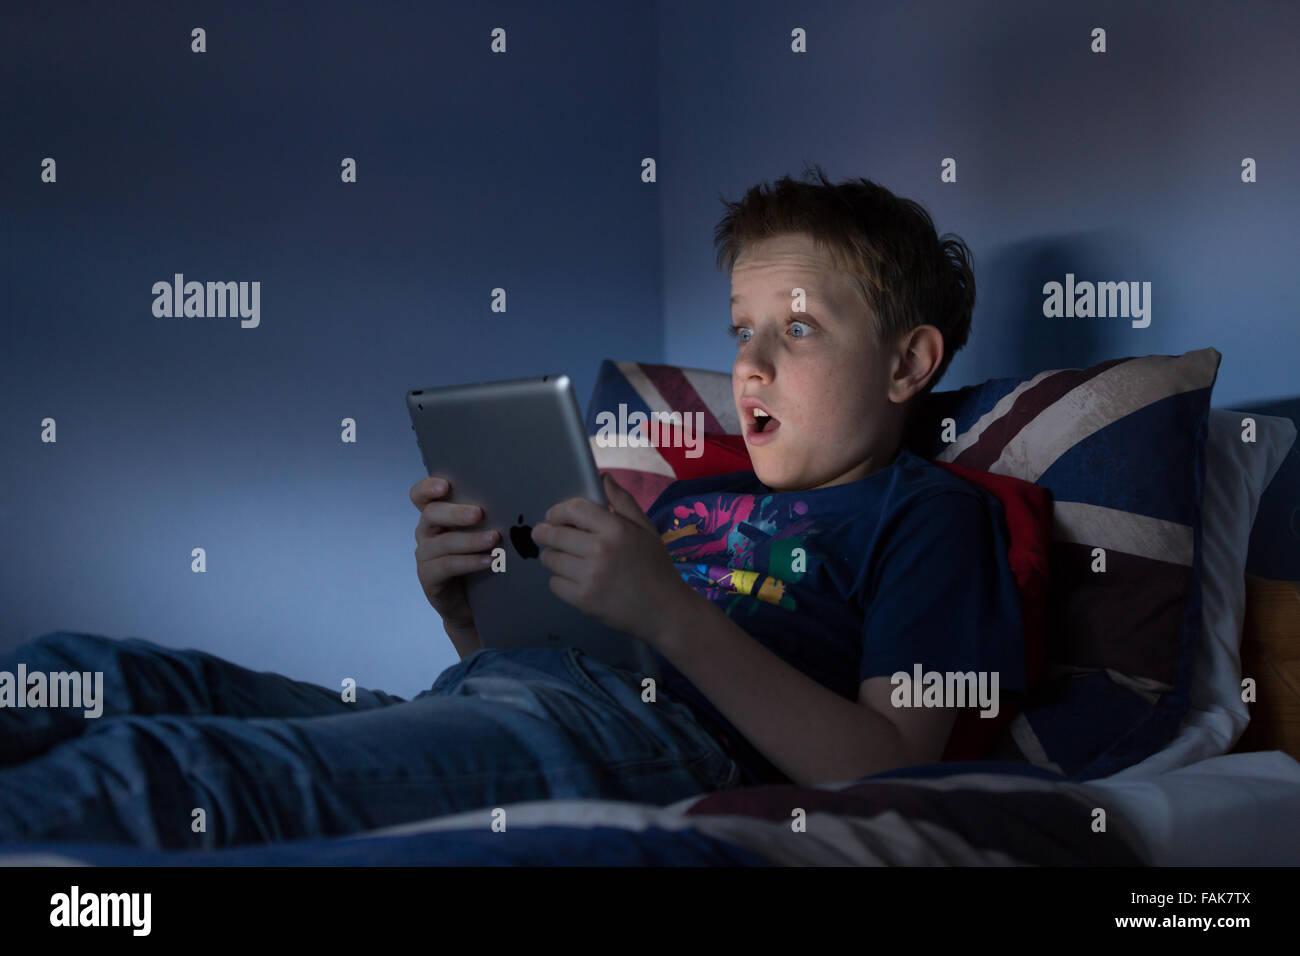 Un muchacho sentado hasta tarde en su dormitorio, buscando en internet, consternado por lo que él está Imagen De Stock